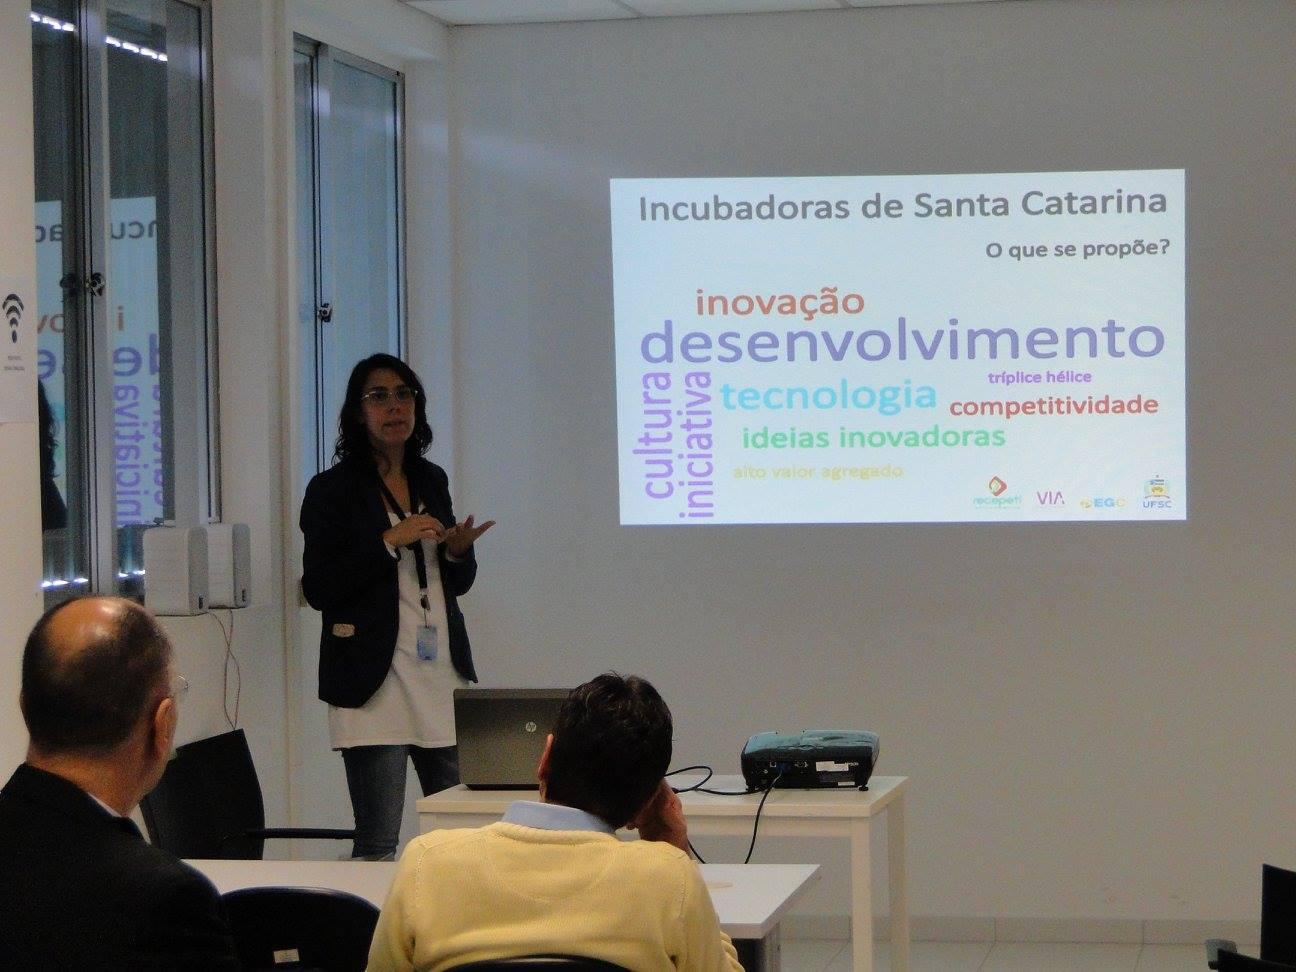 Reunião De Incubadoras De Santa Catarina